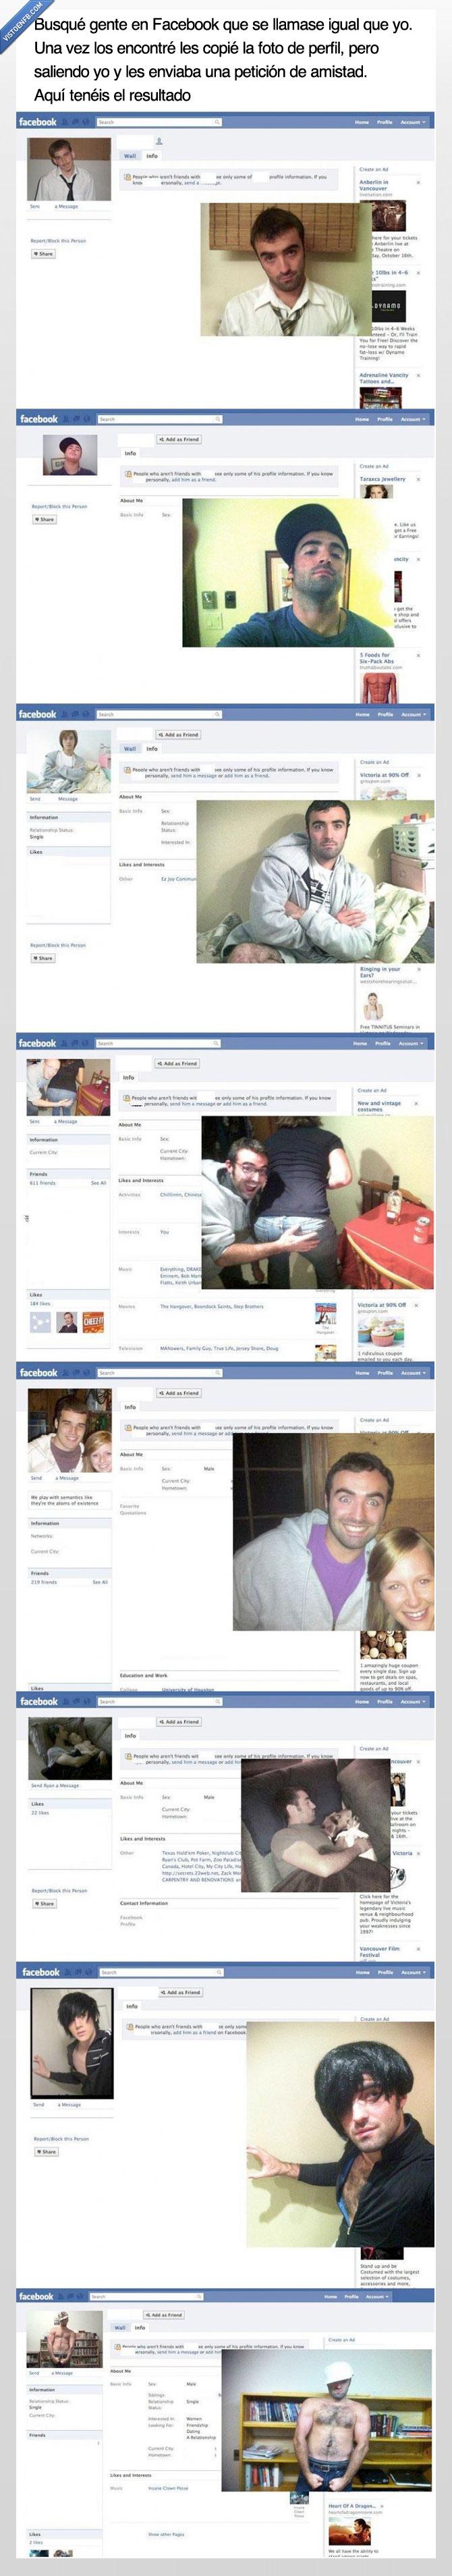 facebook,foto,imitar,misma,mismo,nombre,replica,wtf